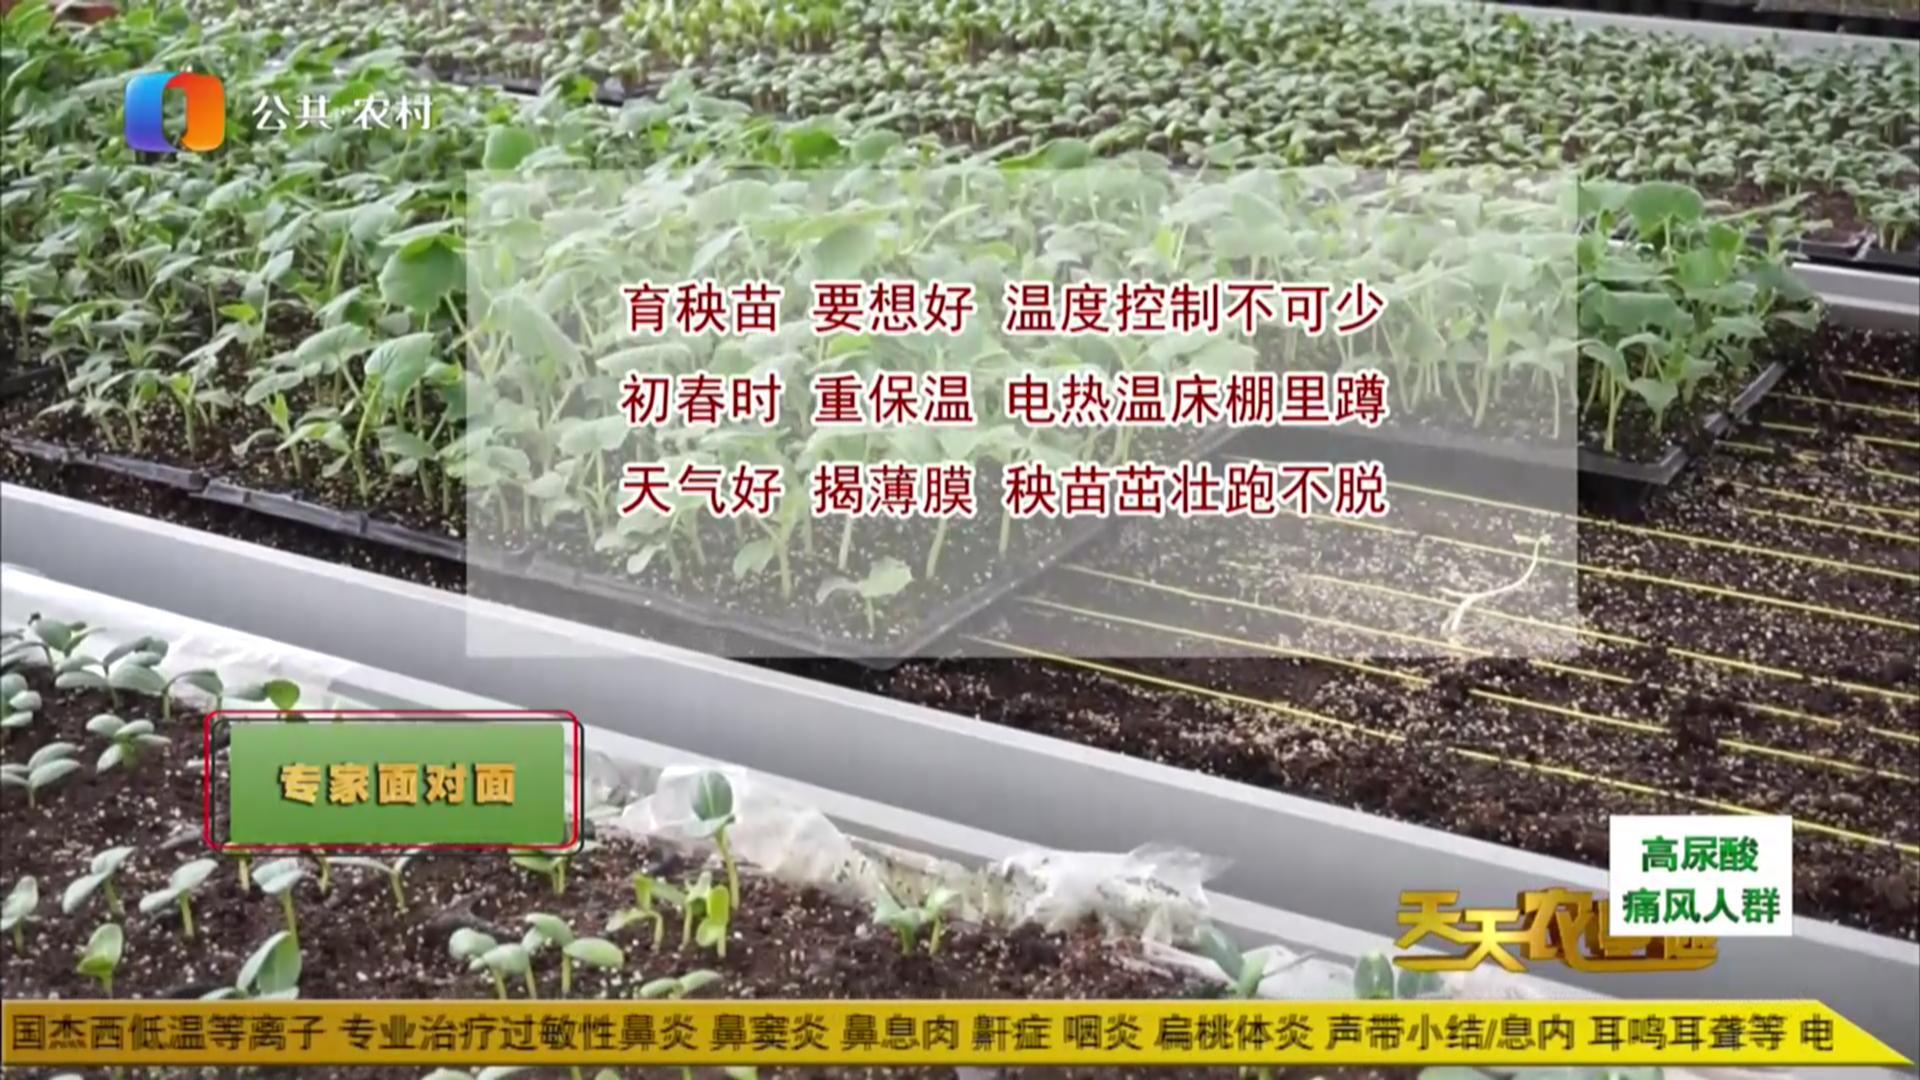 专家面对面——辣椒苗的春季育苗栽培